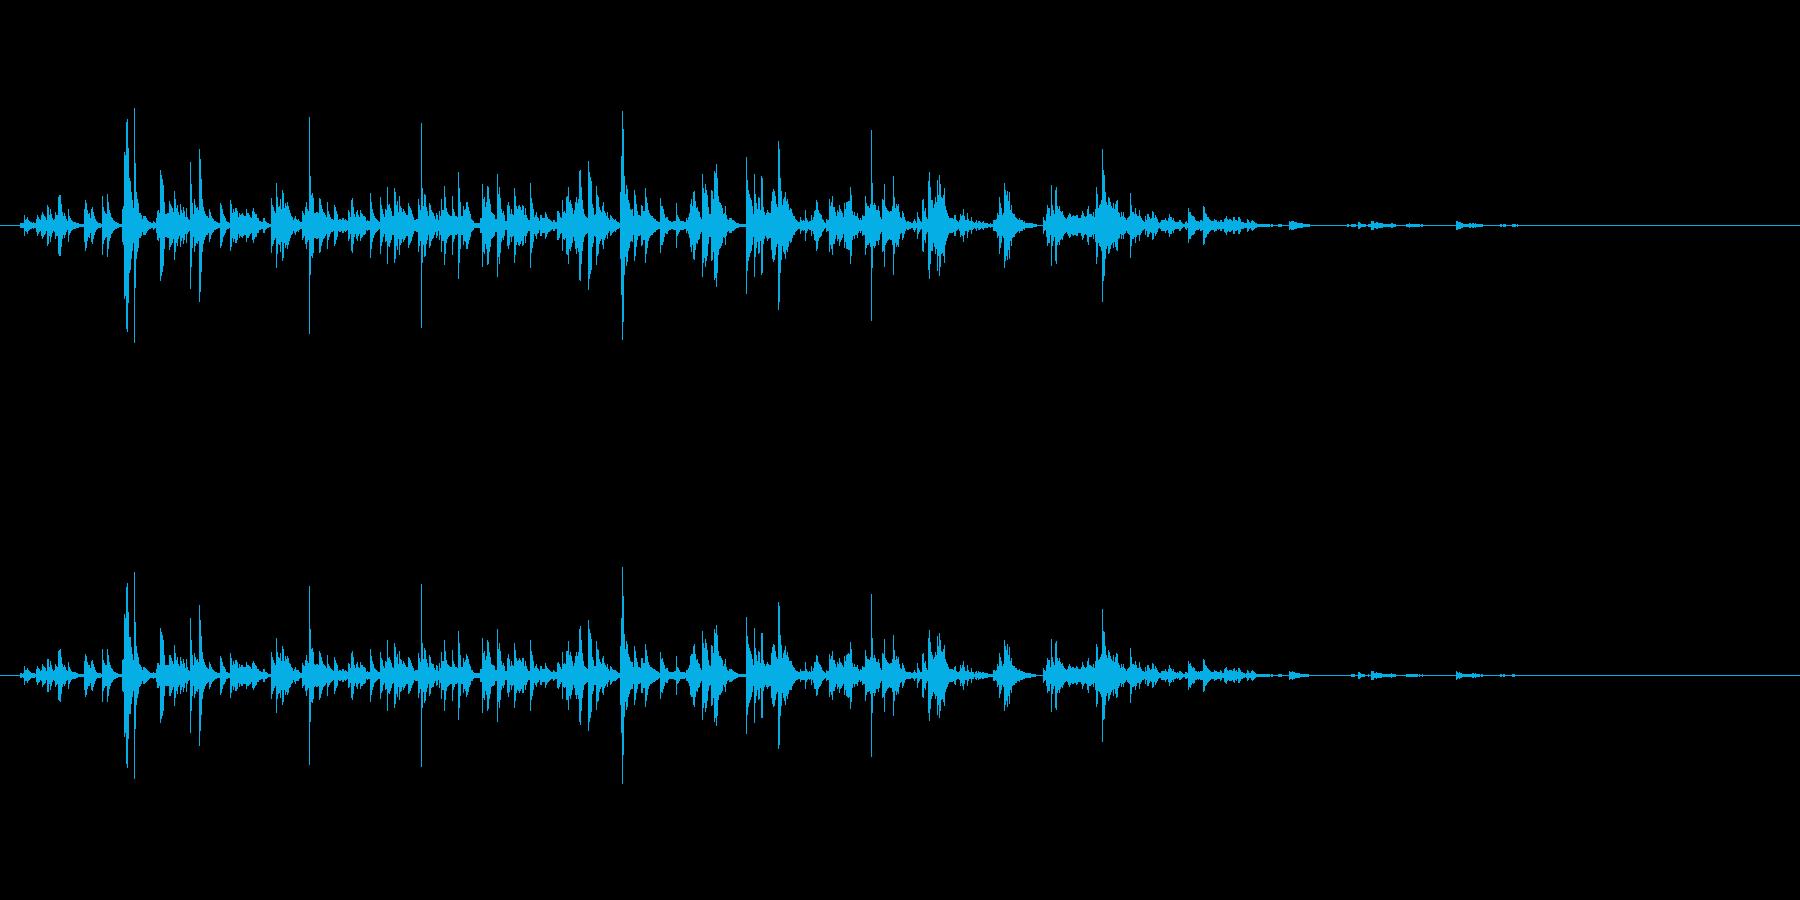 セラミックチャイム、リンギング、ウ...の再生済みの波形